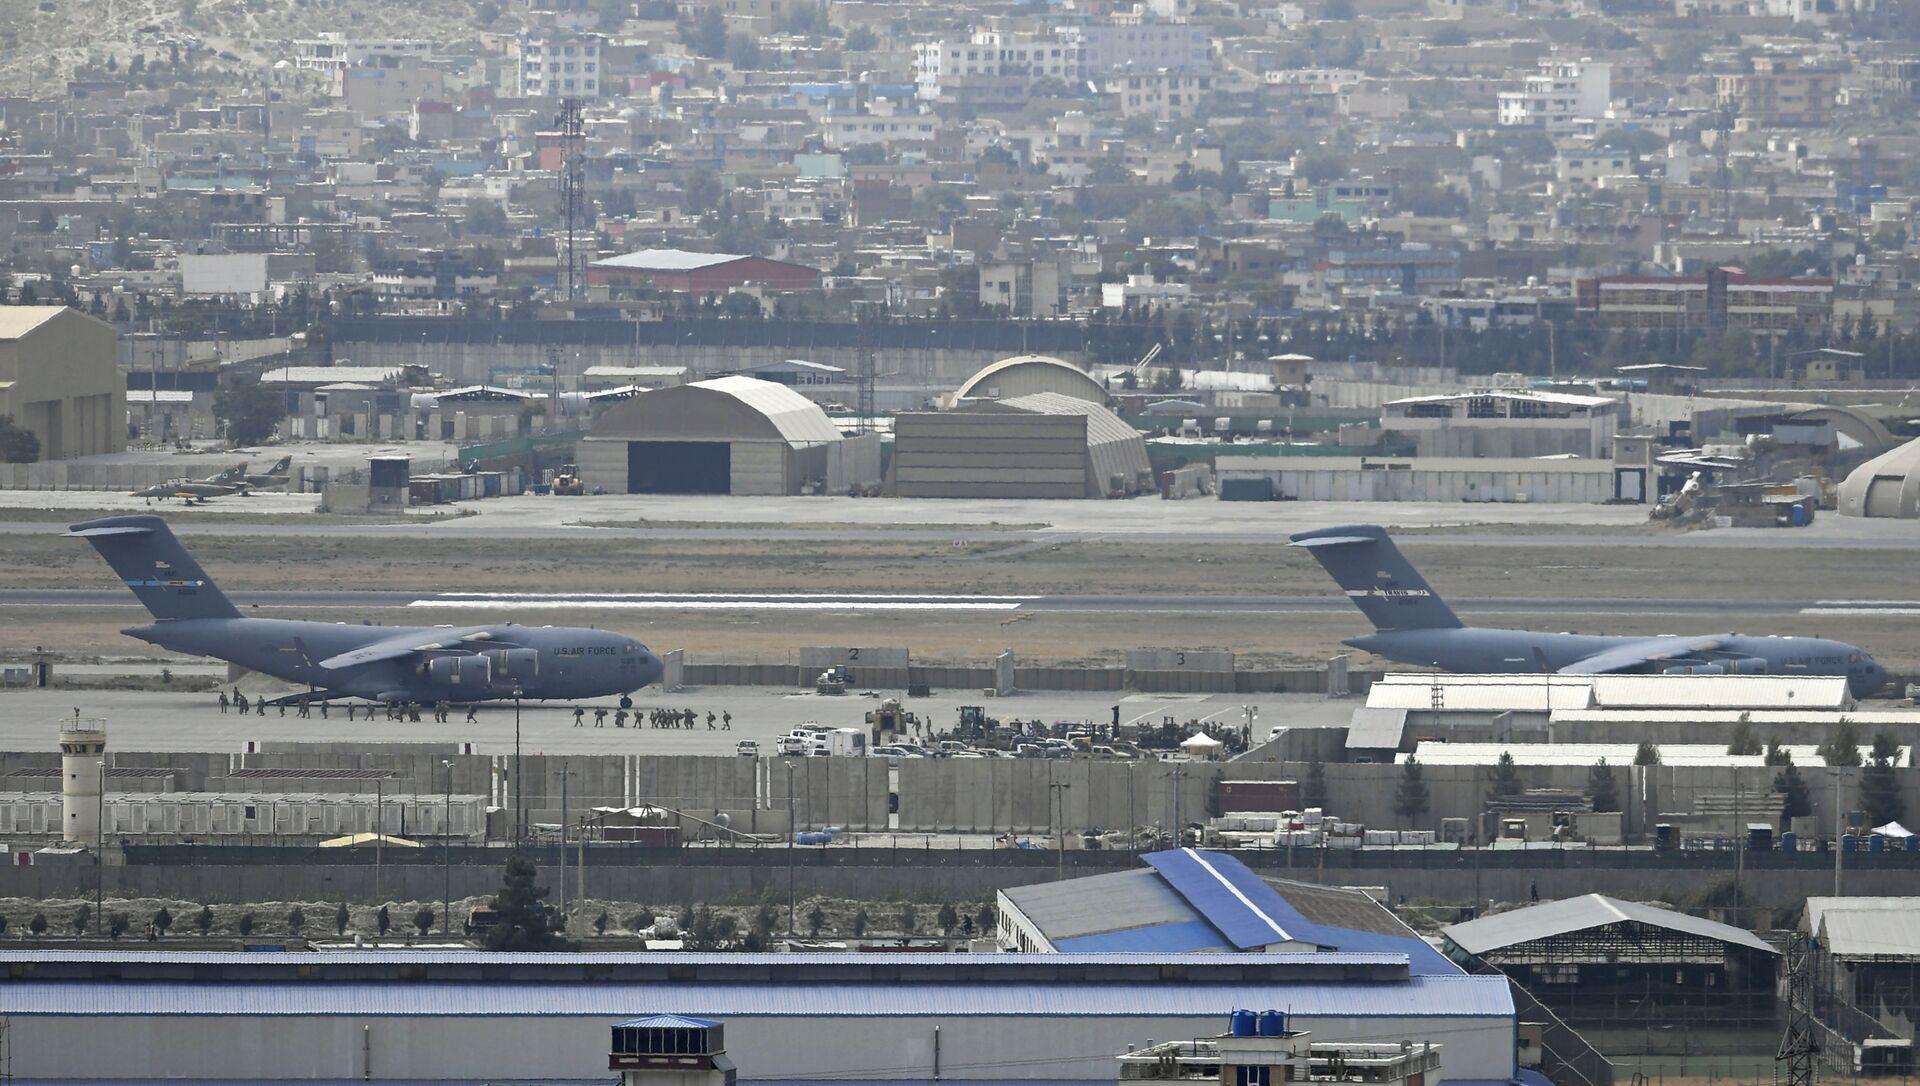 Солдаты США садятся в самолет ВВС США в аэропорту Кабула 30 августа 2021 года. - 30 августа были выпущены ракеты по аэропорту Кабула, где американские войска спешили завершить свой вывод из Афганистана и эвакуировать союзников под угрозой со стороны группировки «Исламское государство». атаки. - Sputnik Аҧсны, 1920, 31.08.2021